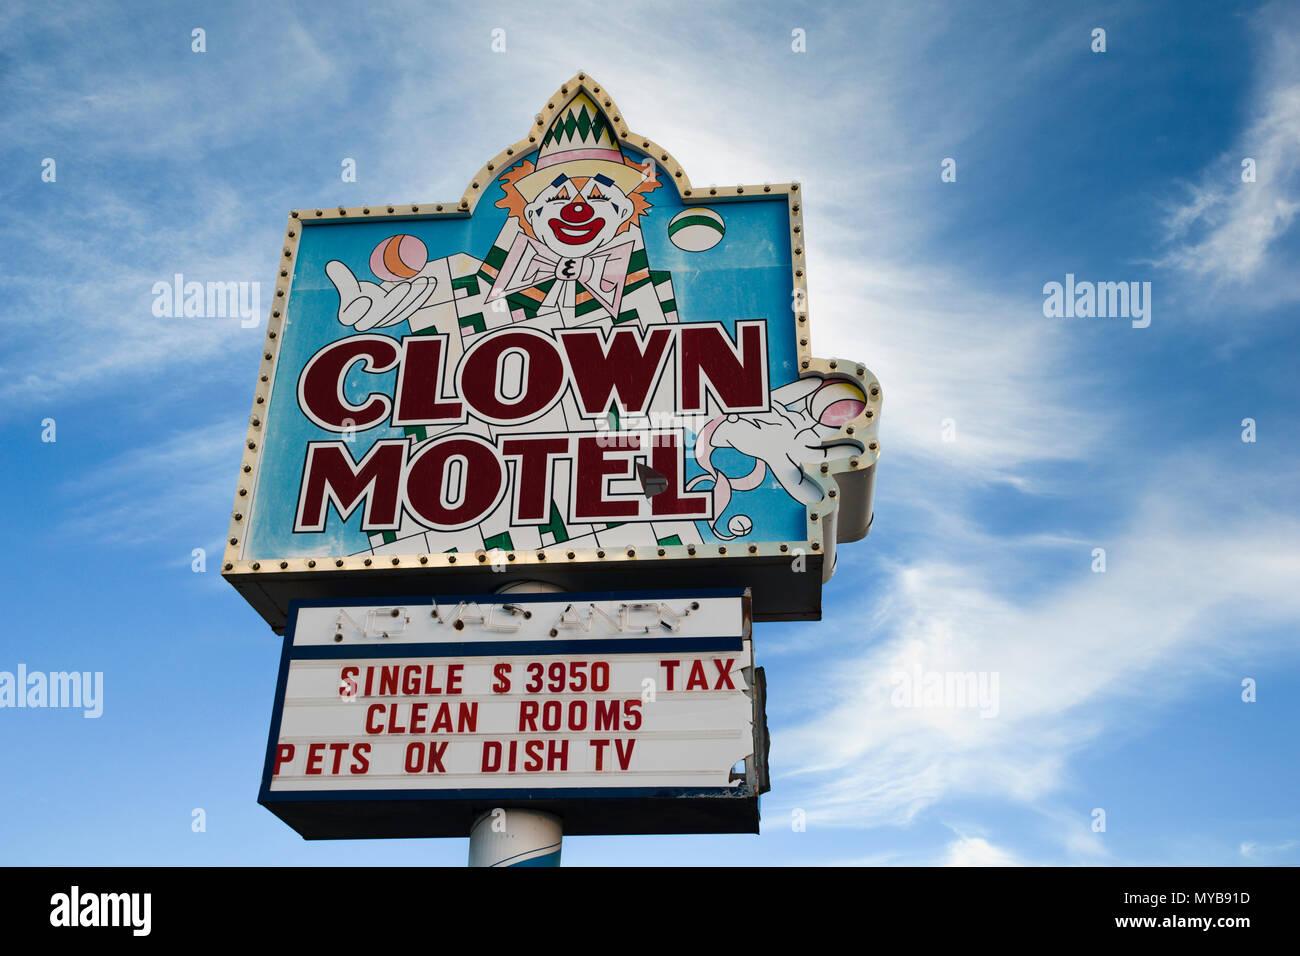 Il creepy e presumibilmente haunted Clown Motel nella vecchia città mineraria di Tonopah, Nevada, Nord America. Immagini Stock